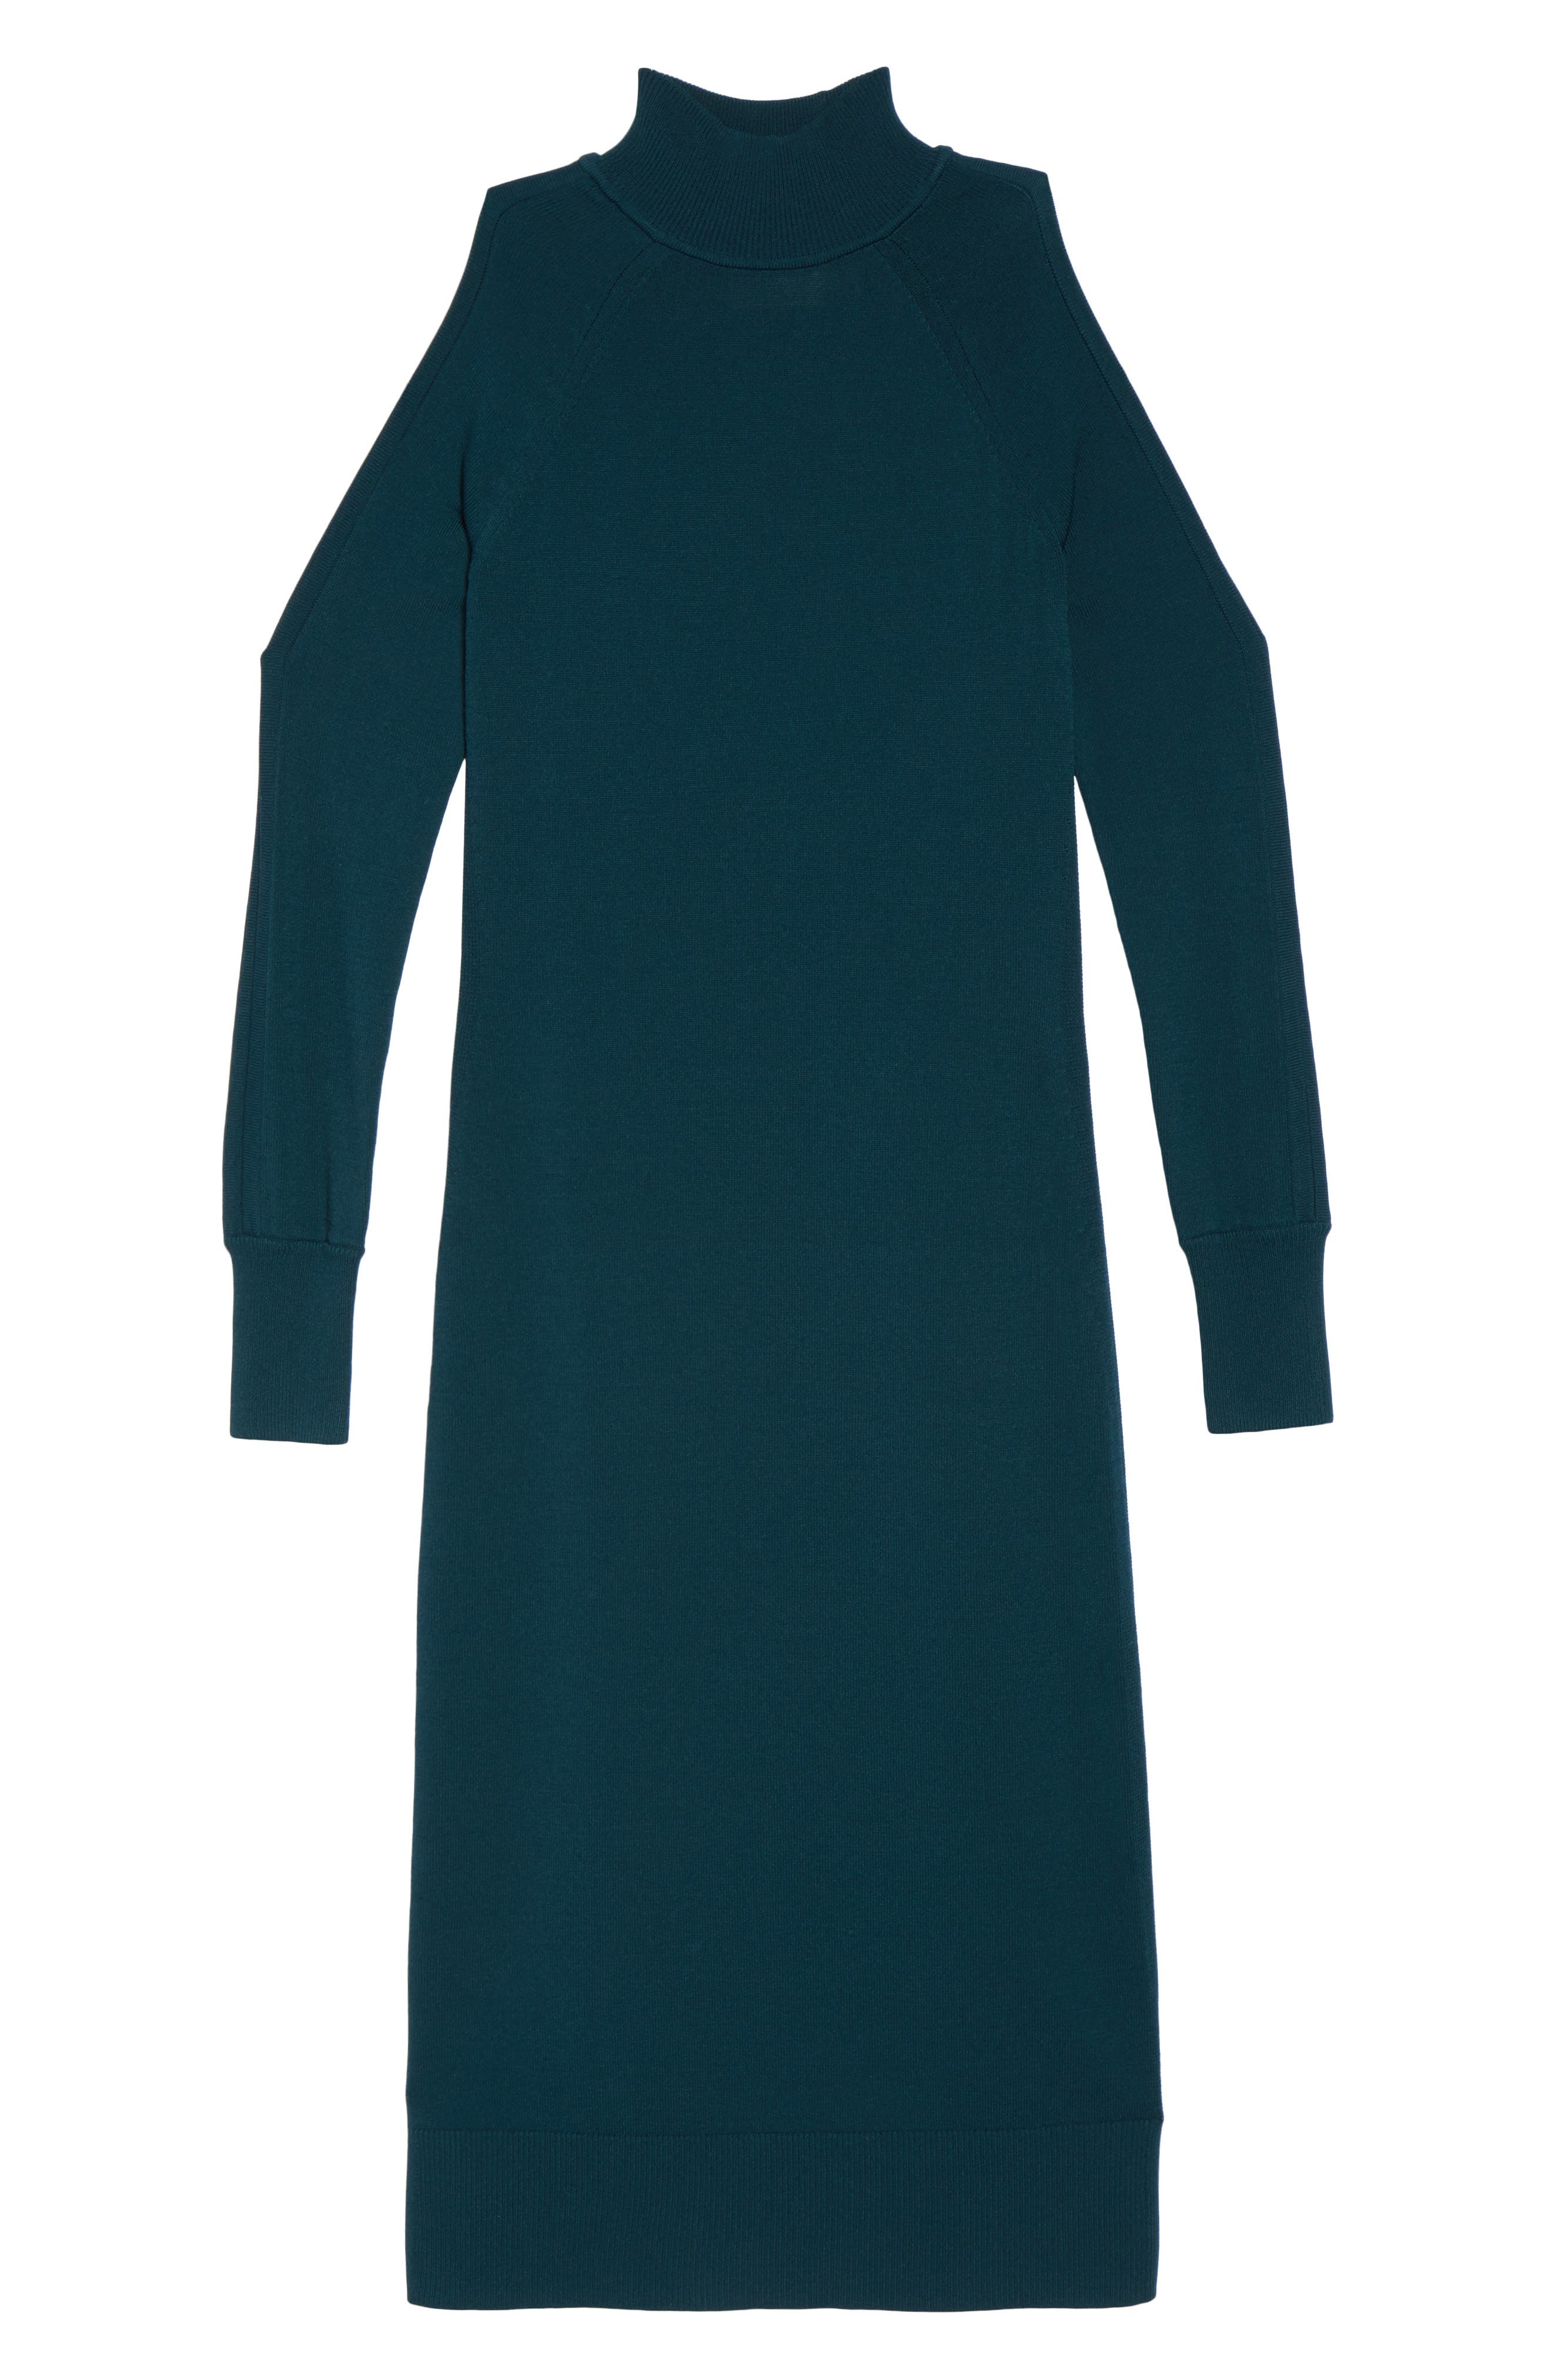 Cold Shoulder Turtleneck Dress,                             Alternate thumbnail 6, color,